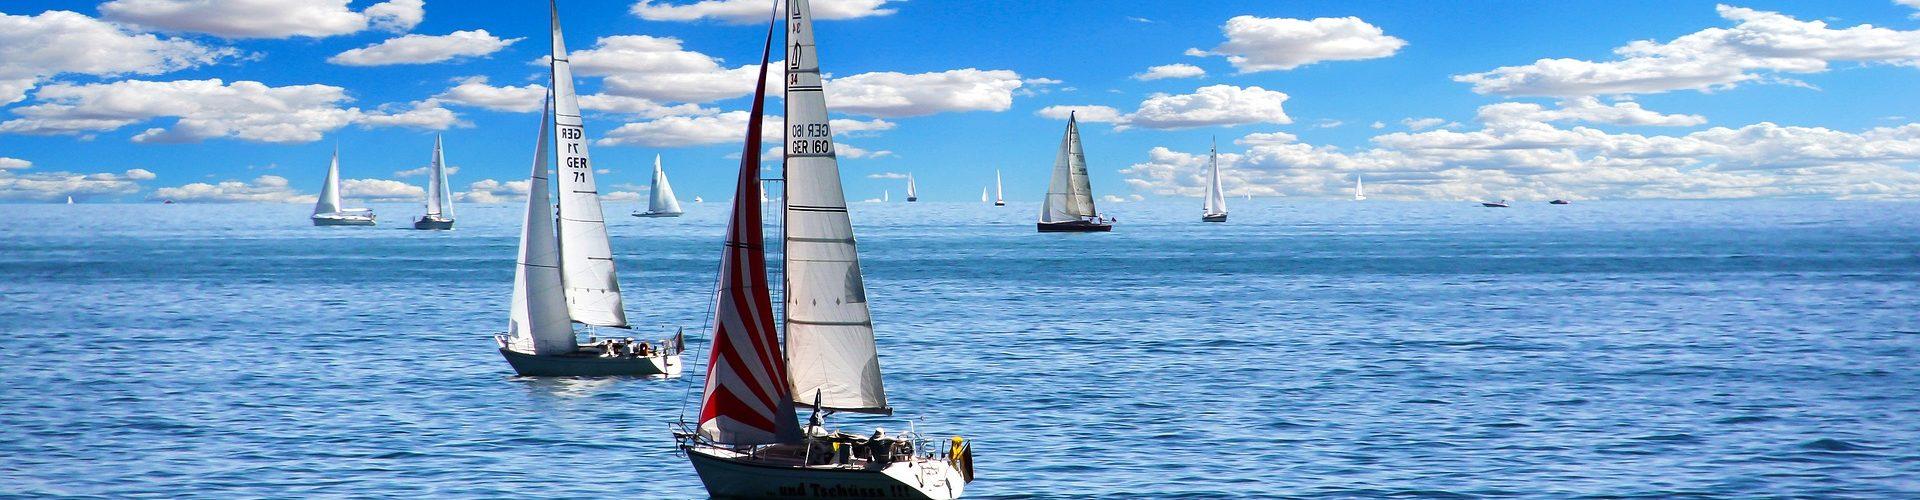 segeln lernen in Bad Wiessee segelschein machen in Bad Wiessee 1920x500 - Segeln lernen in Bad Wiessee